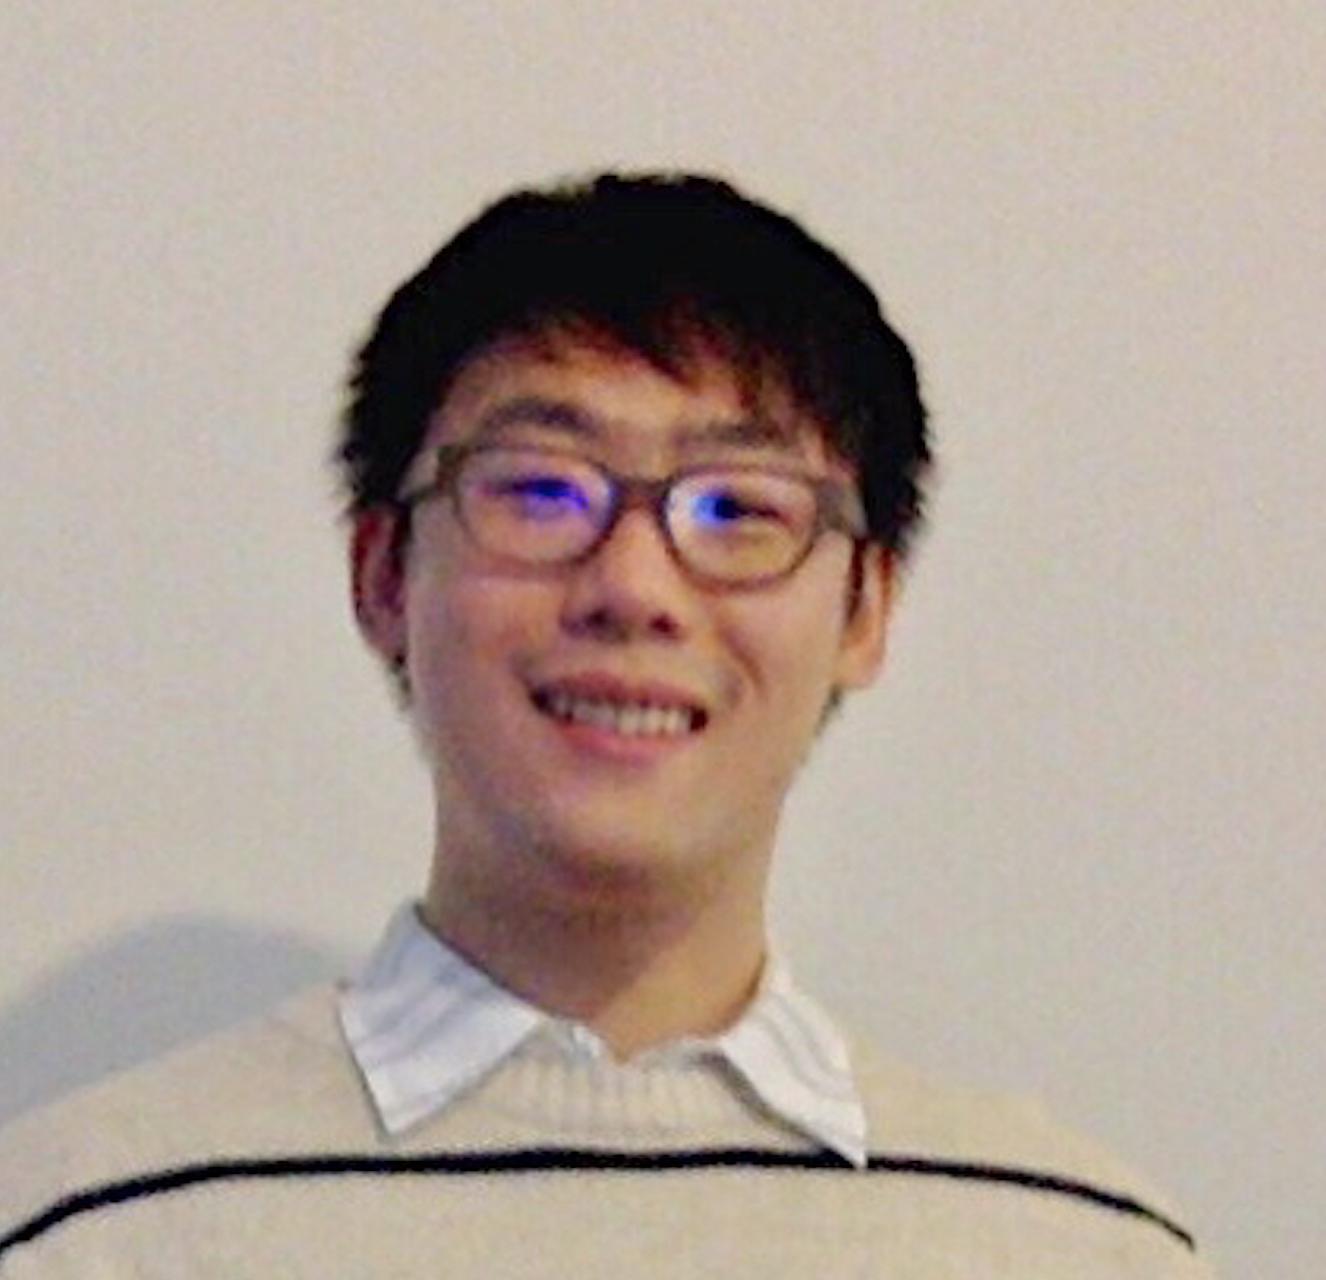 Liyan Chen